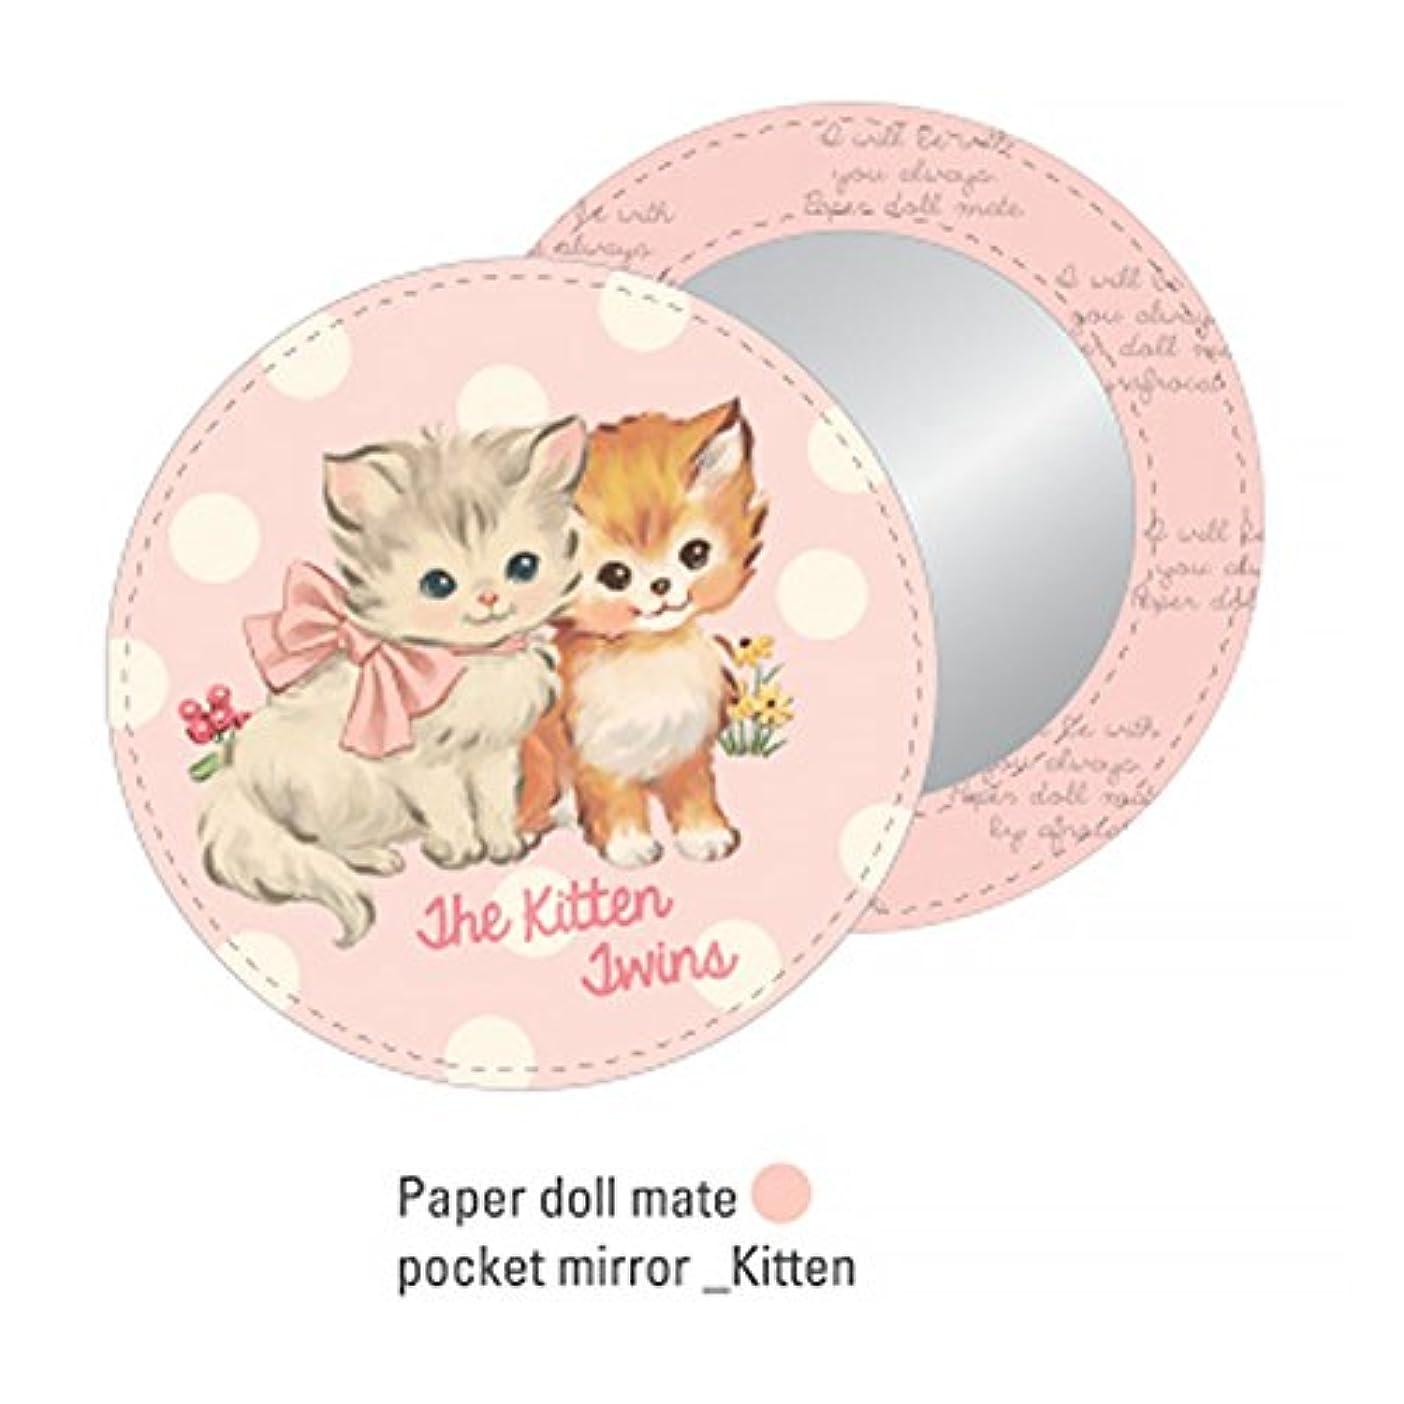 できた車泥棒ペーパードールメイト/丸くて可愛いポケットミラー (ver5-kitten)